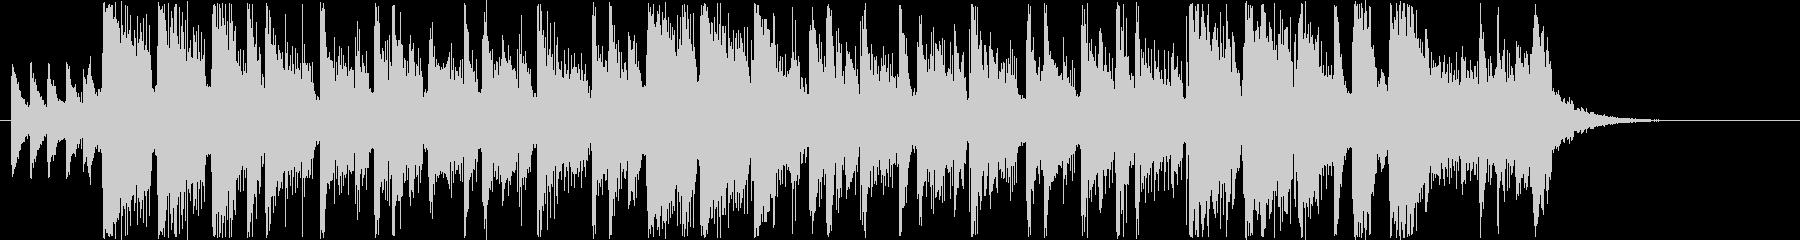 華やかなシンセサウンド短めの未再生の波形